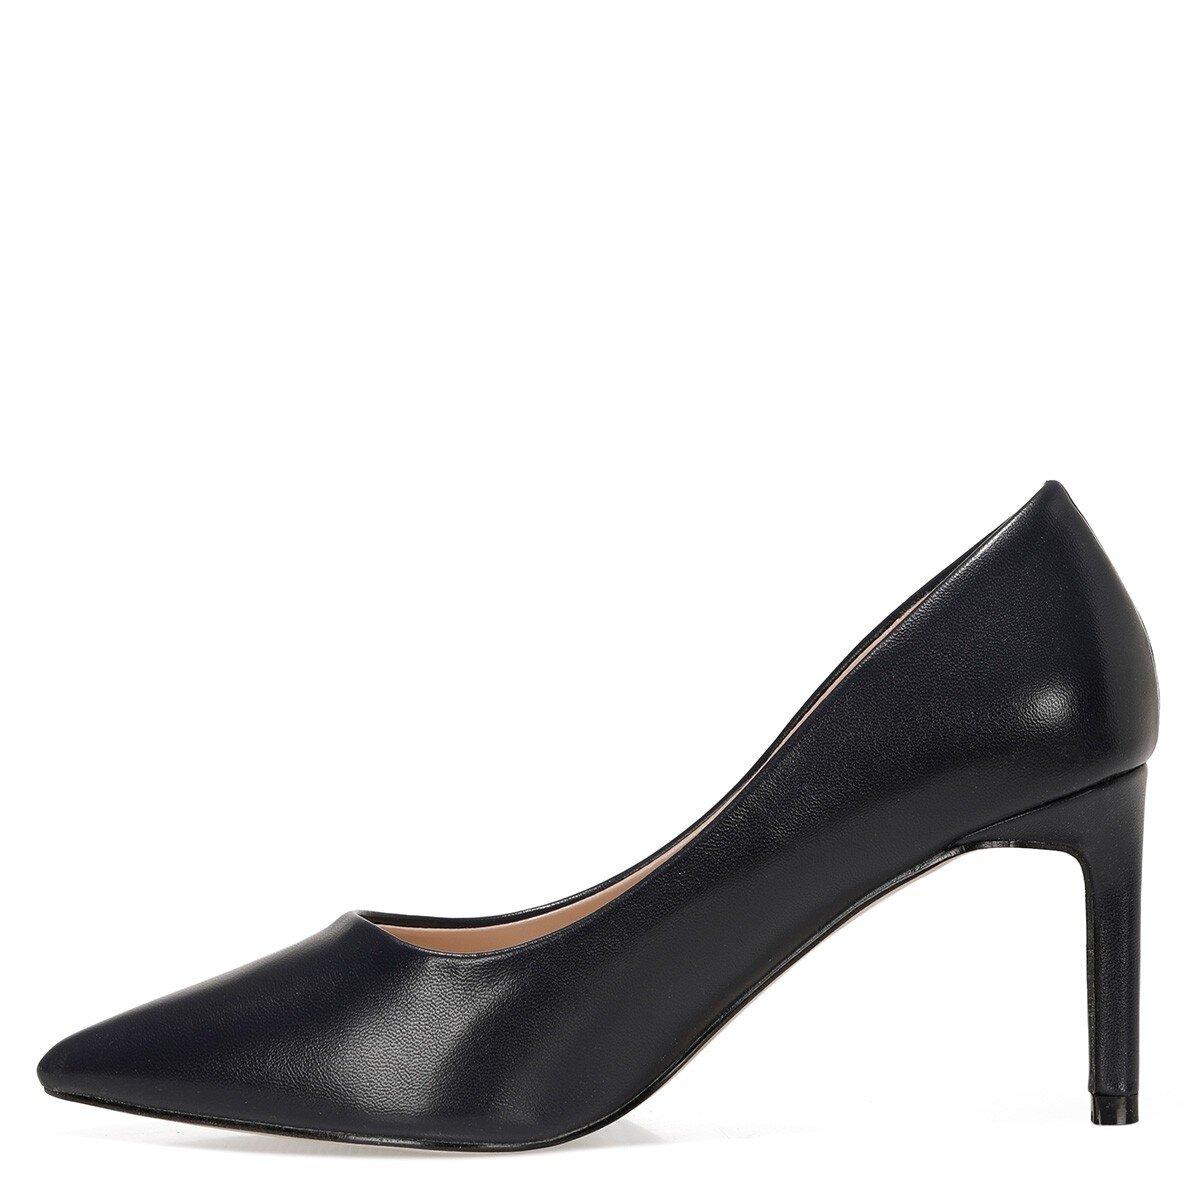 GENTILLA 1FX Lacivert Kadın Topuklu Ayakkabı